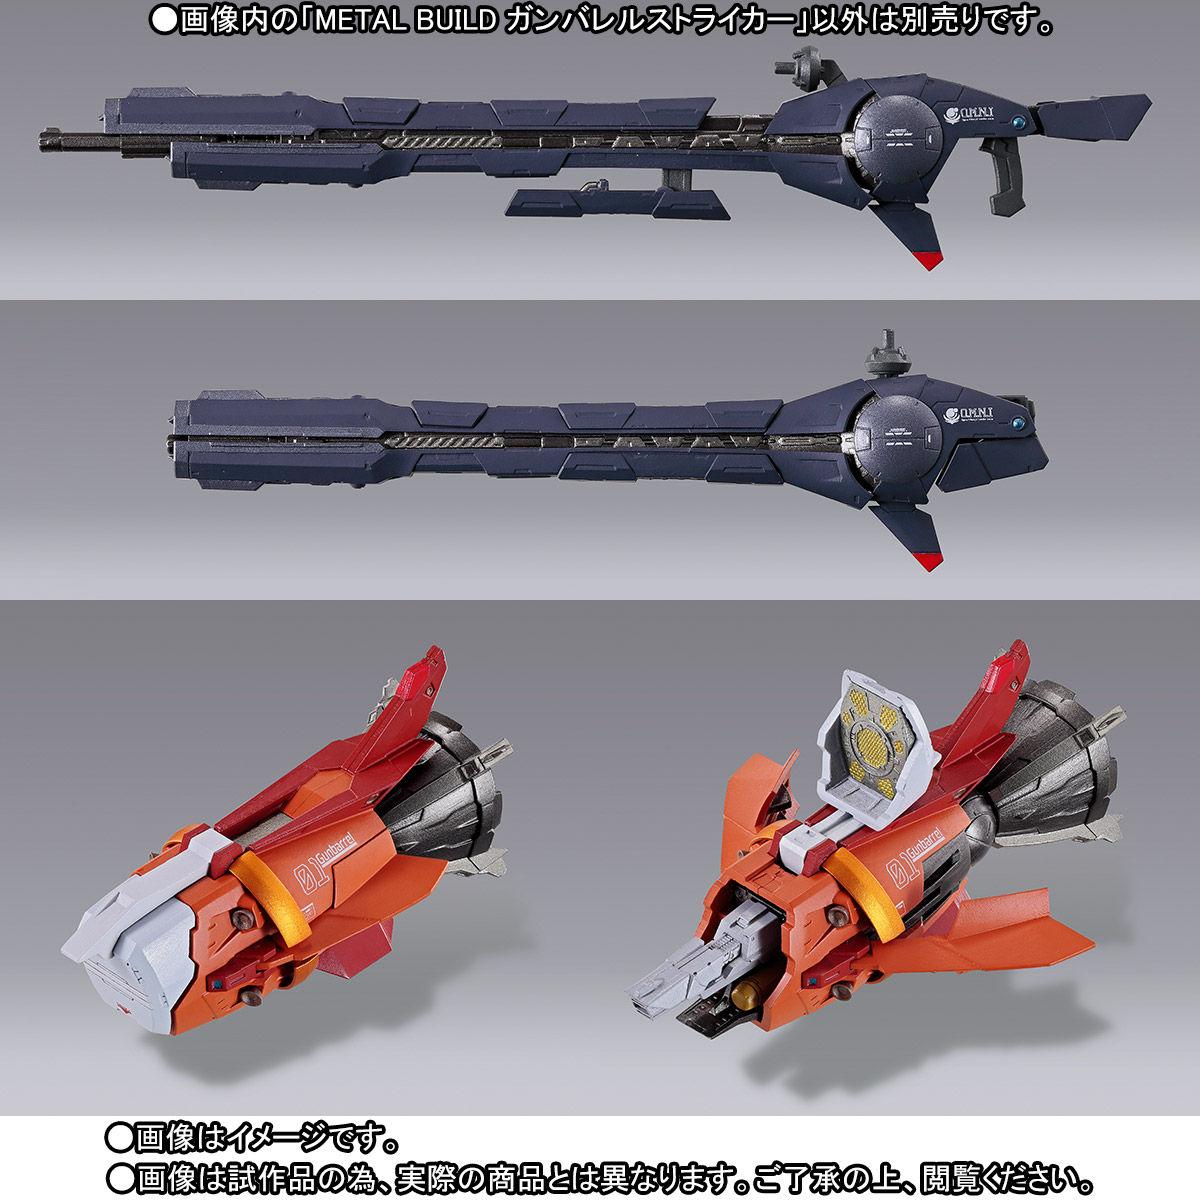 METAL BUILD『ガンバレルストライカー|機動戦士ガンダムSEED MSV』可動フィギュア-010